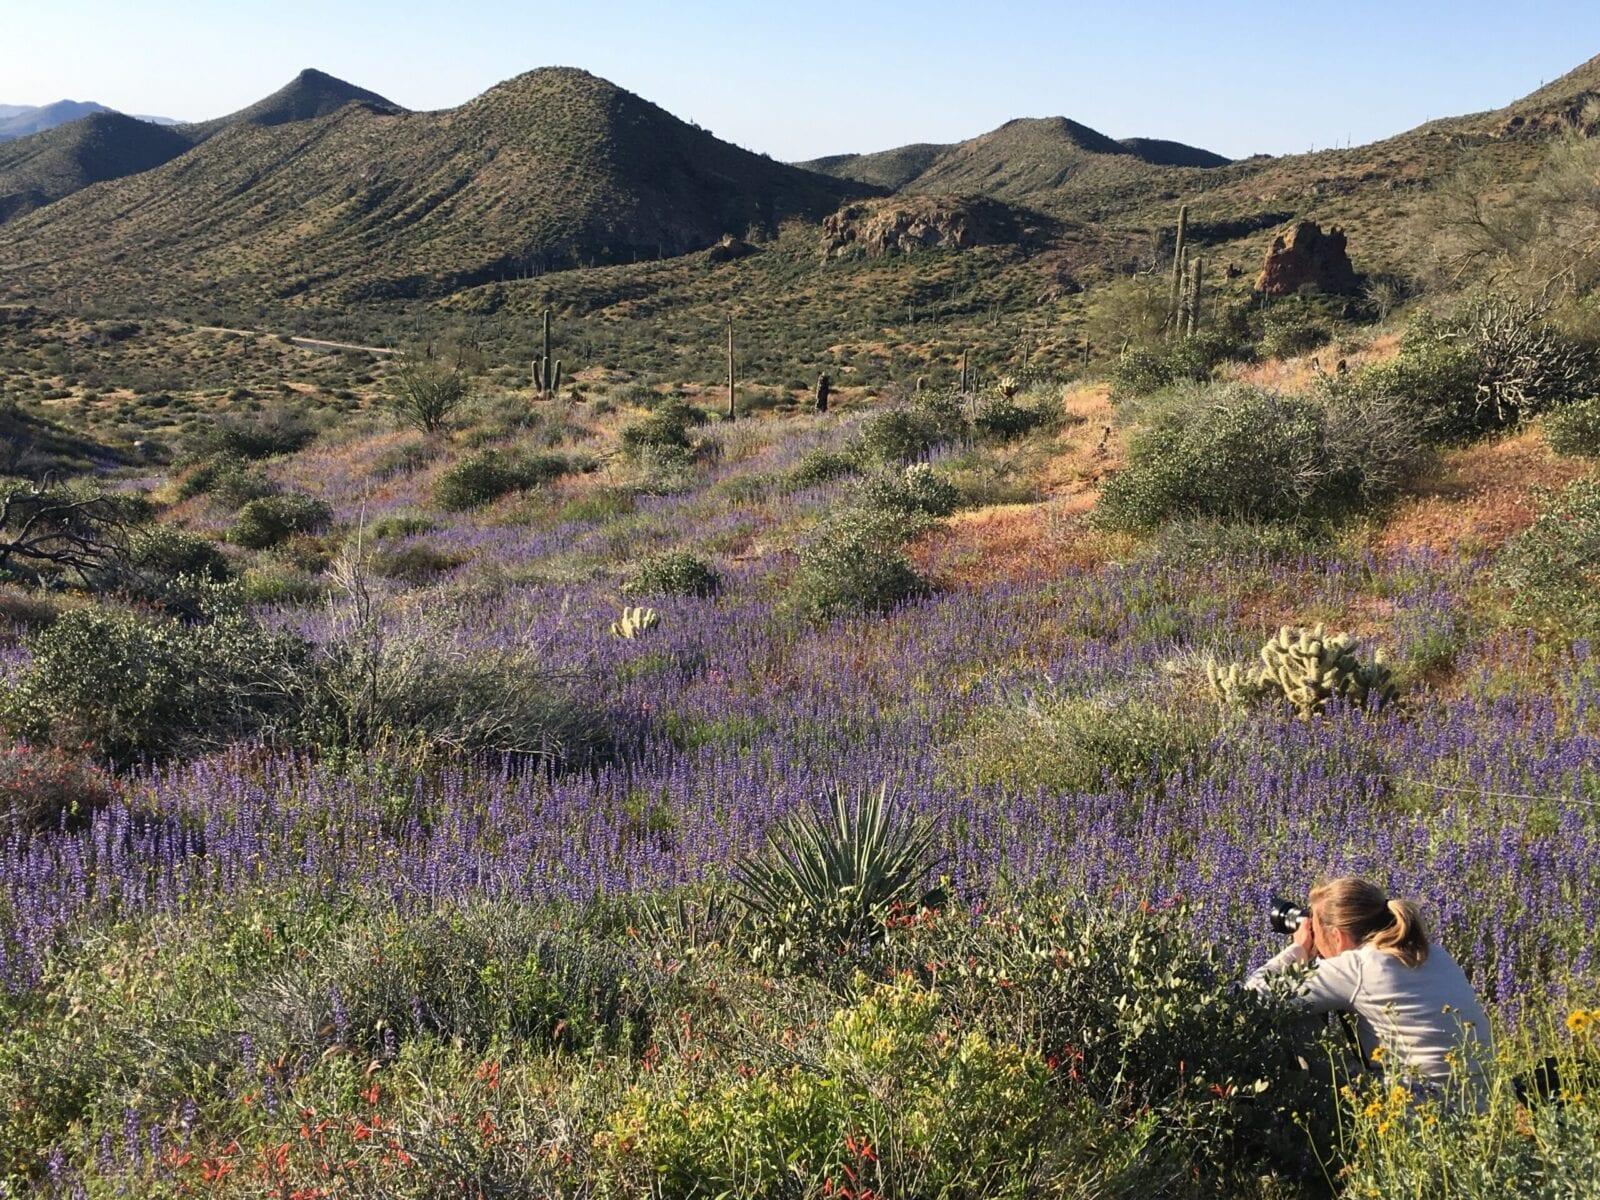 Desert spring bloom